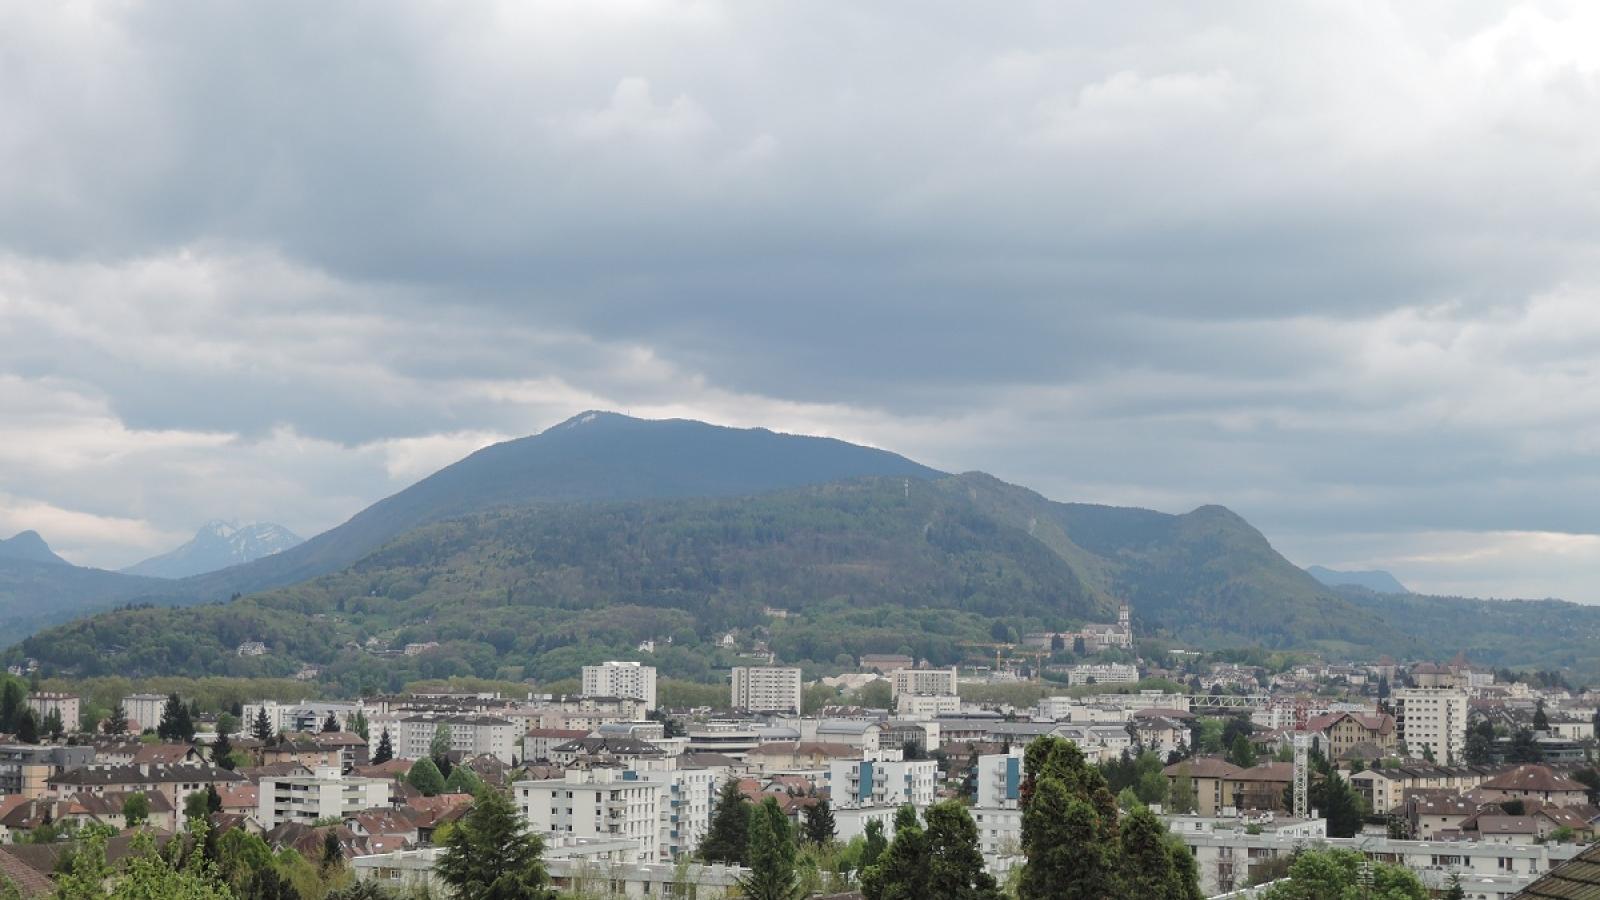 Paysage depuis les coteaux d'Annecy-le-Vieux